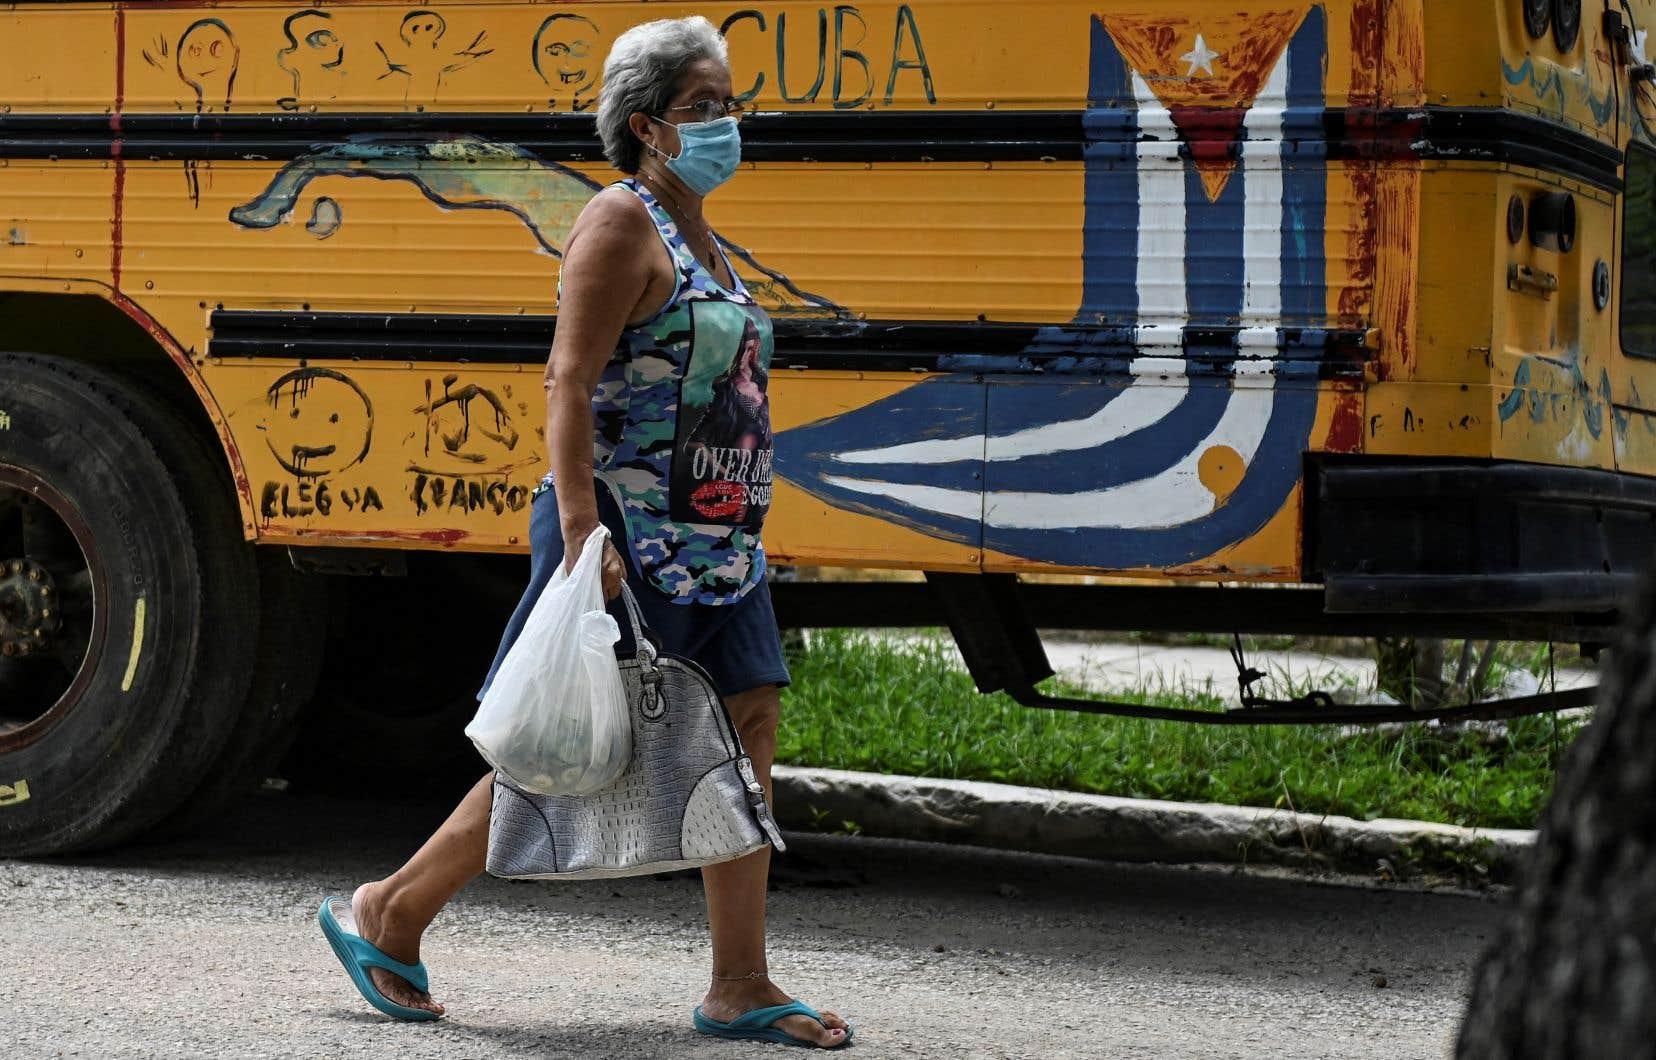 «Plus d'une semaine après le début des manifestations, des centaines de Cubains sont encore détenus. Les autorités cubaines ont promis des processus expéditifs. Les accusés pourraient être condamnés à des peines de vingt ans de prison», écrit l'auteur.